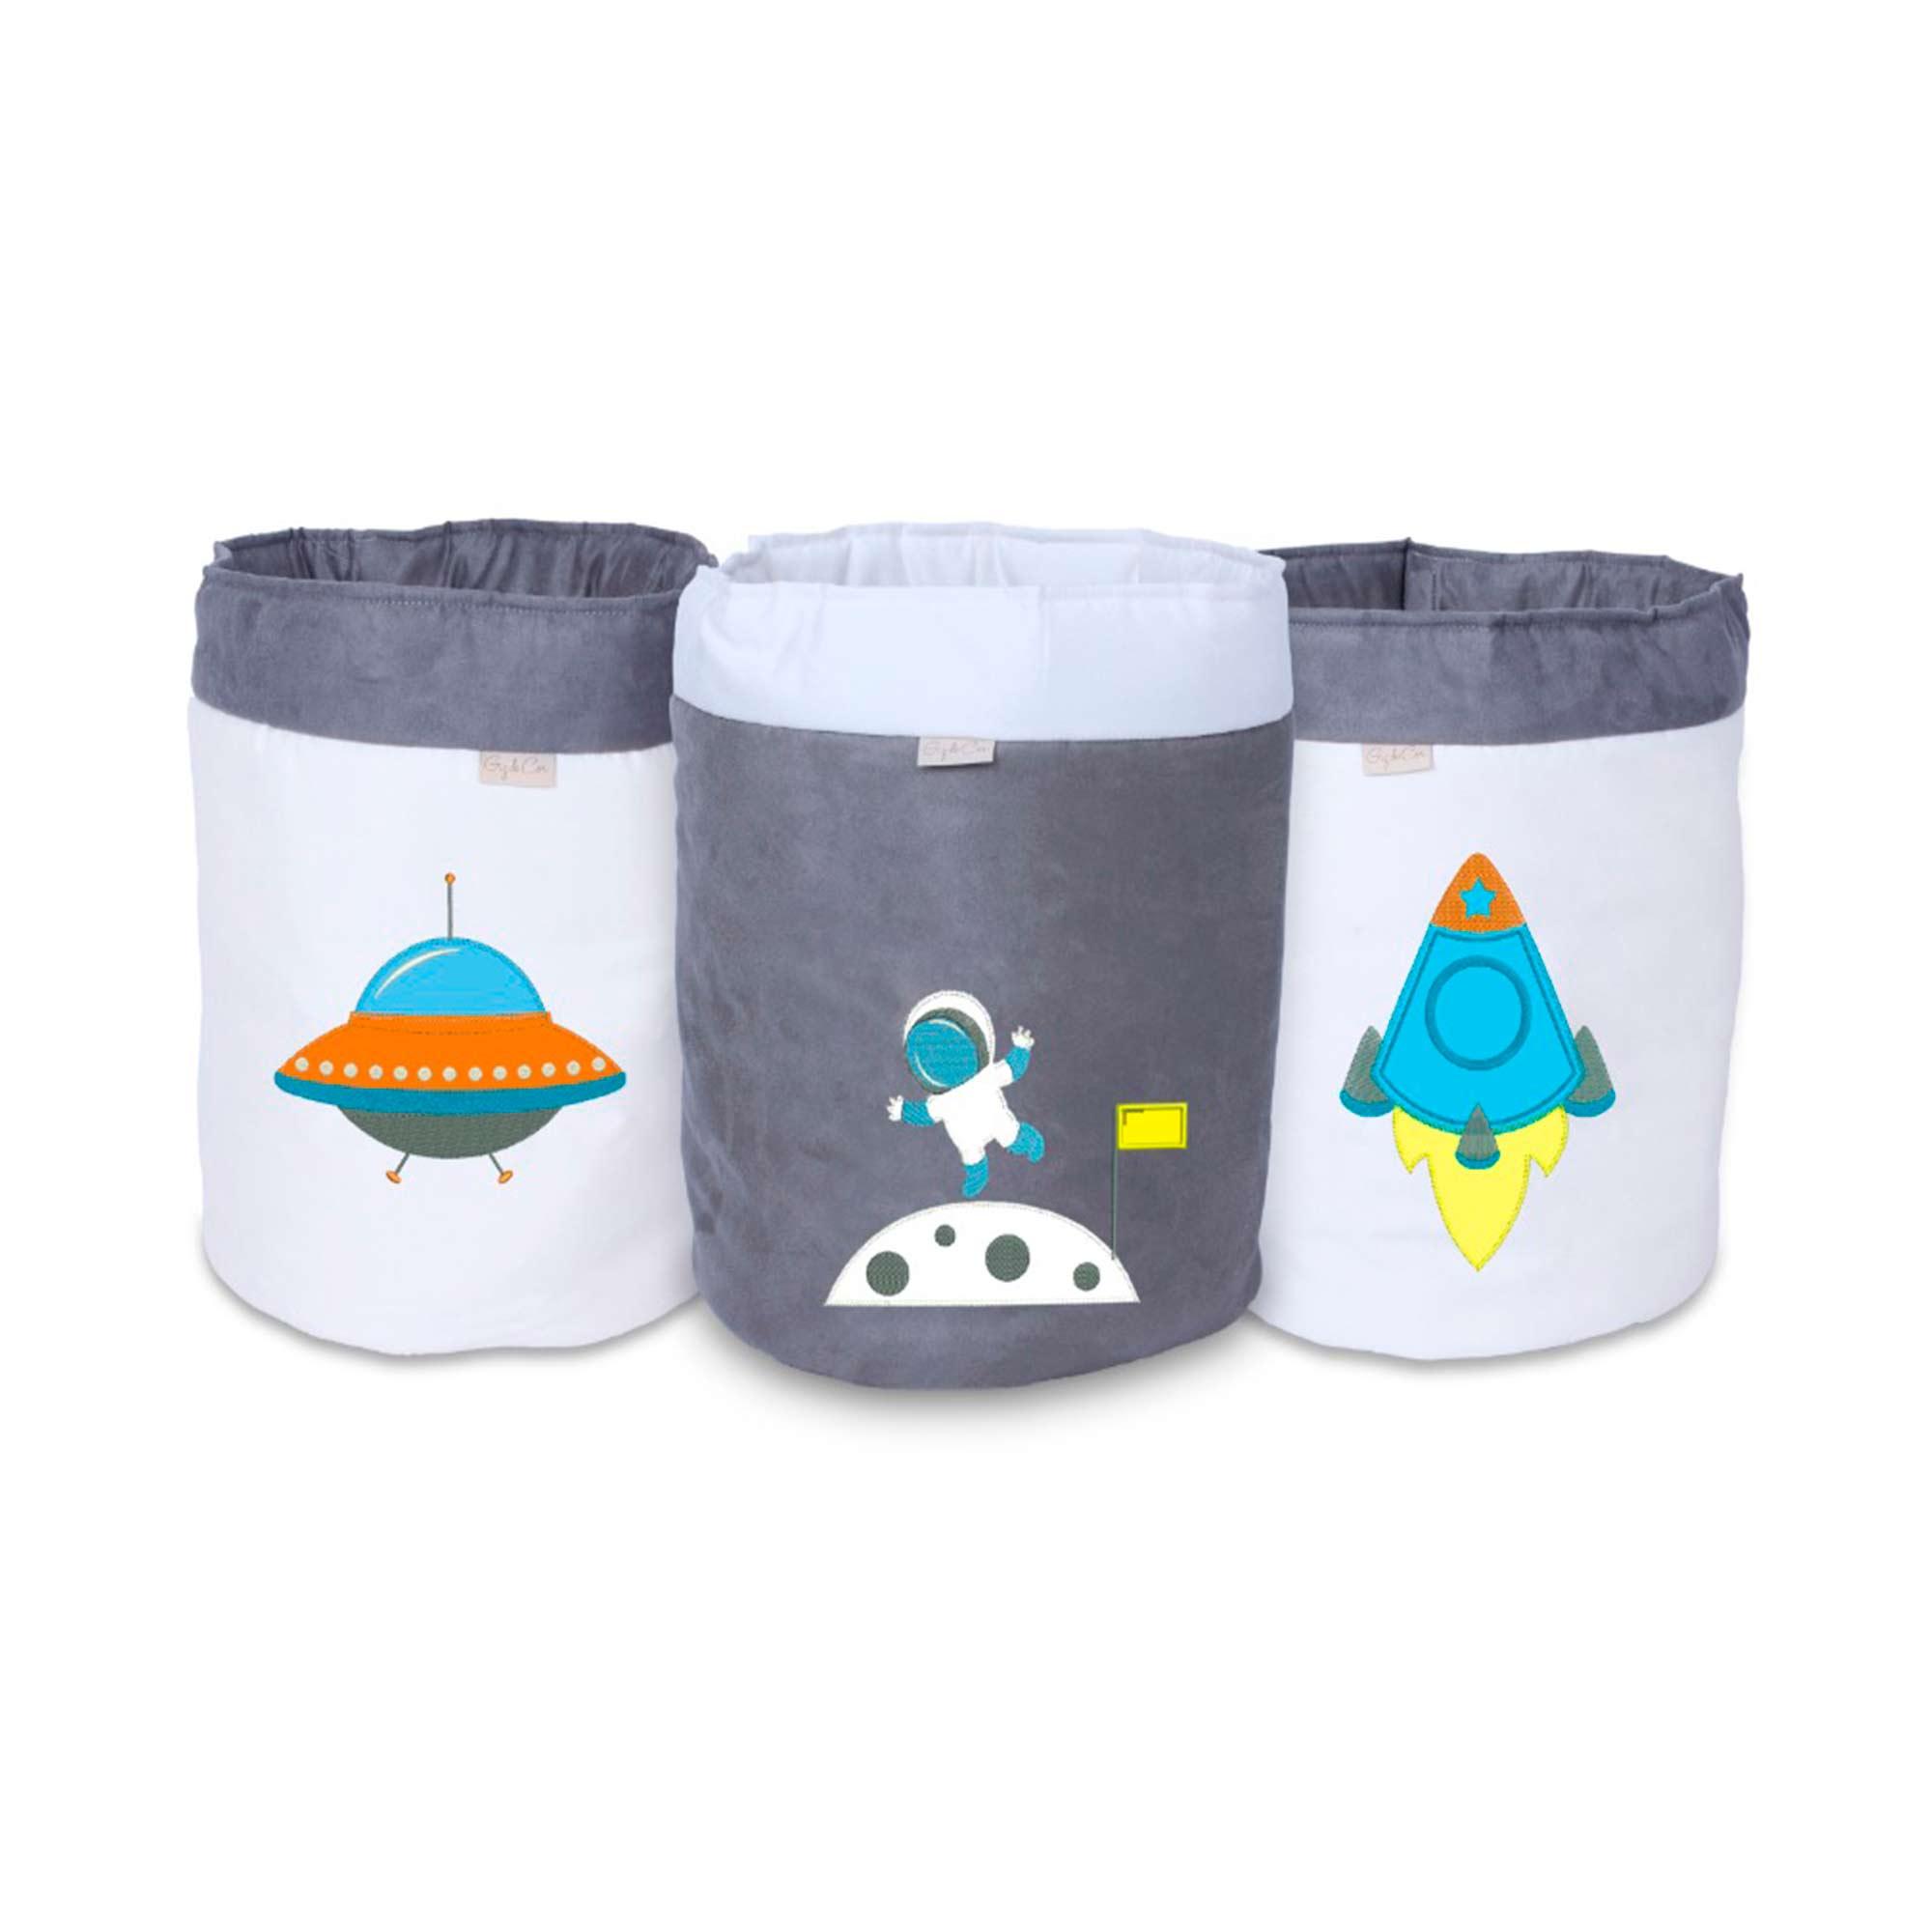 Conjunto de Cestos Organizadores Para Brinquedos Astronauta